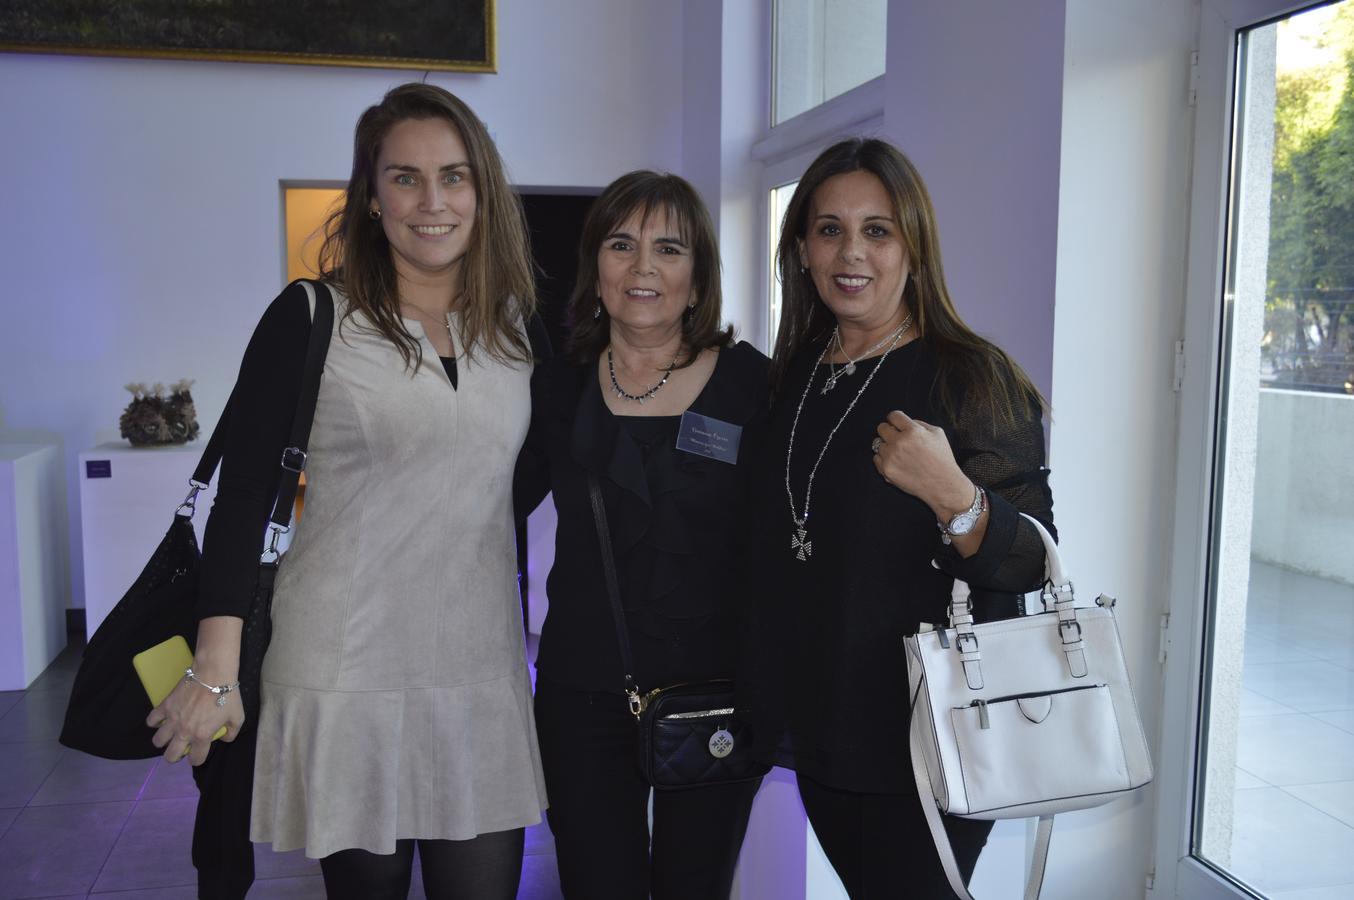 María Paz Dueñas, Viviana Osorio y Alejandra Lagos